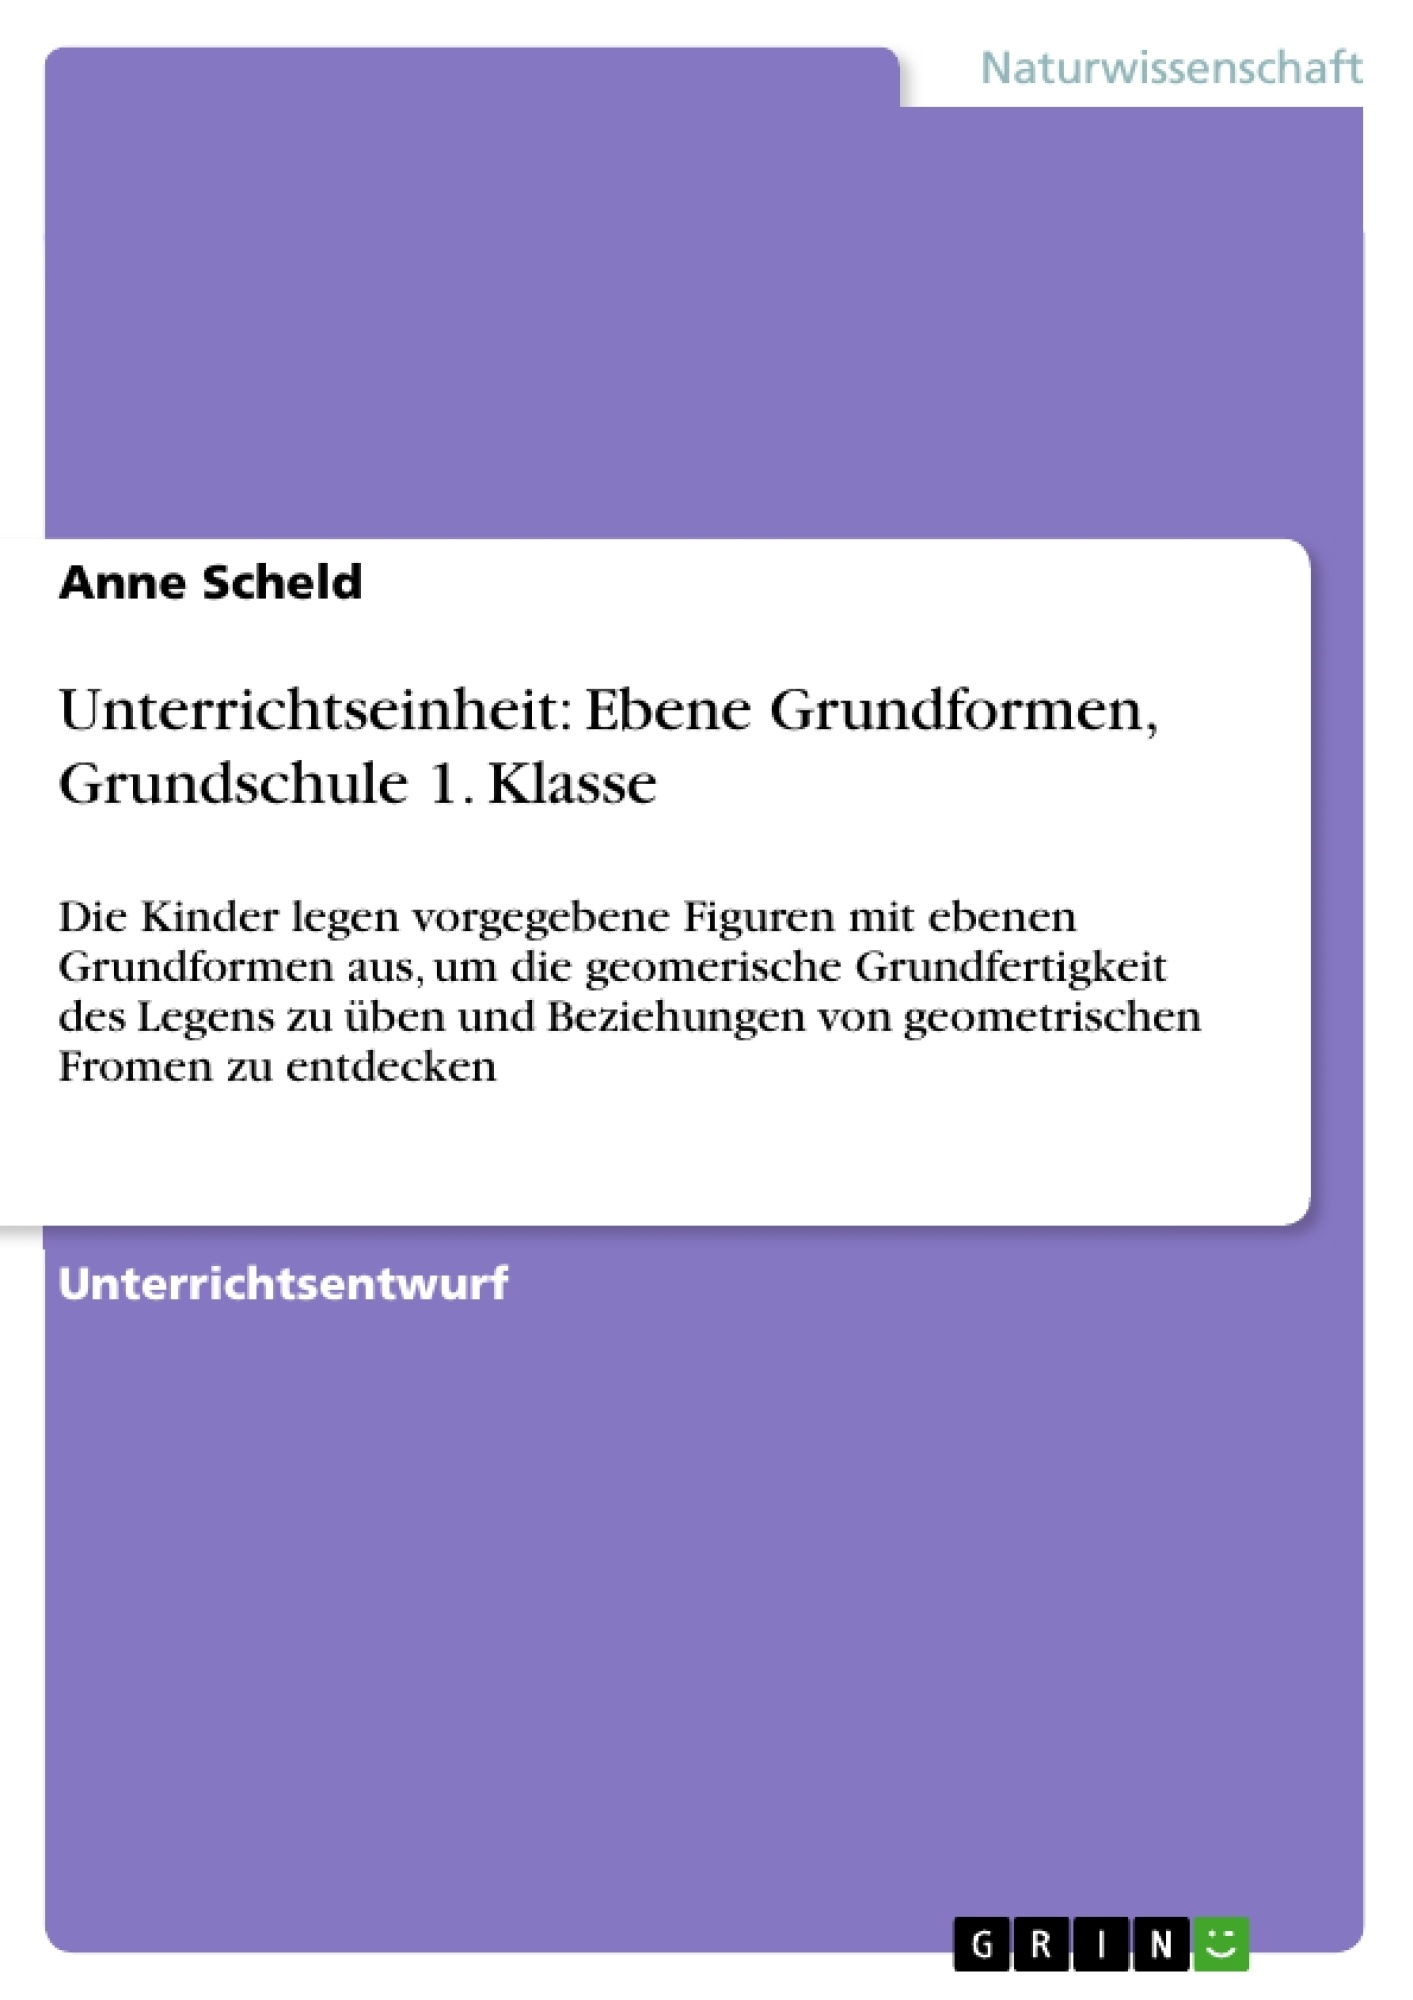 Titel: Unterrichtseinheit: Ebene Grundformen, Grundschule 1. Klasse